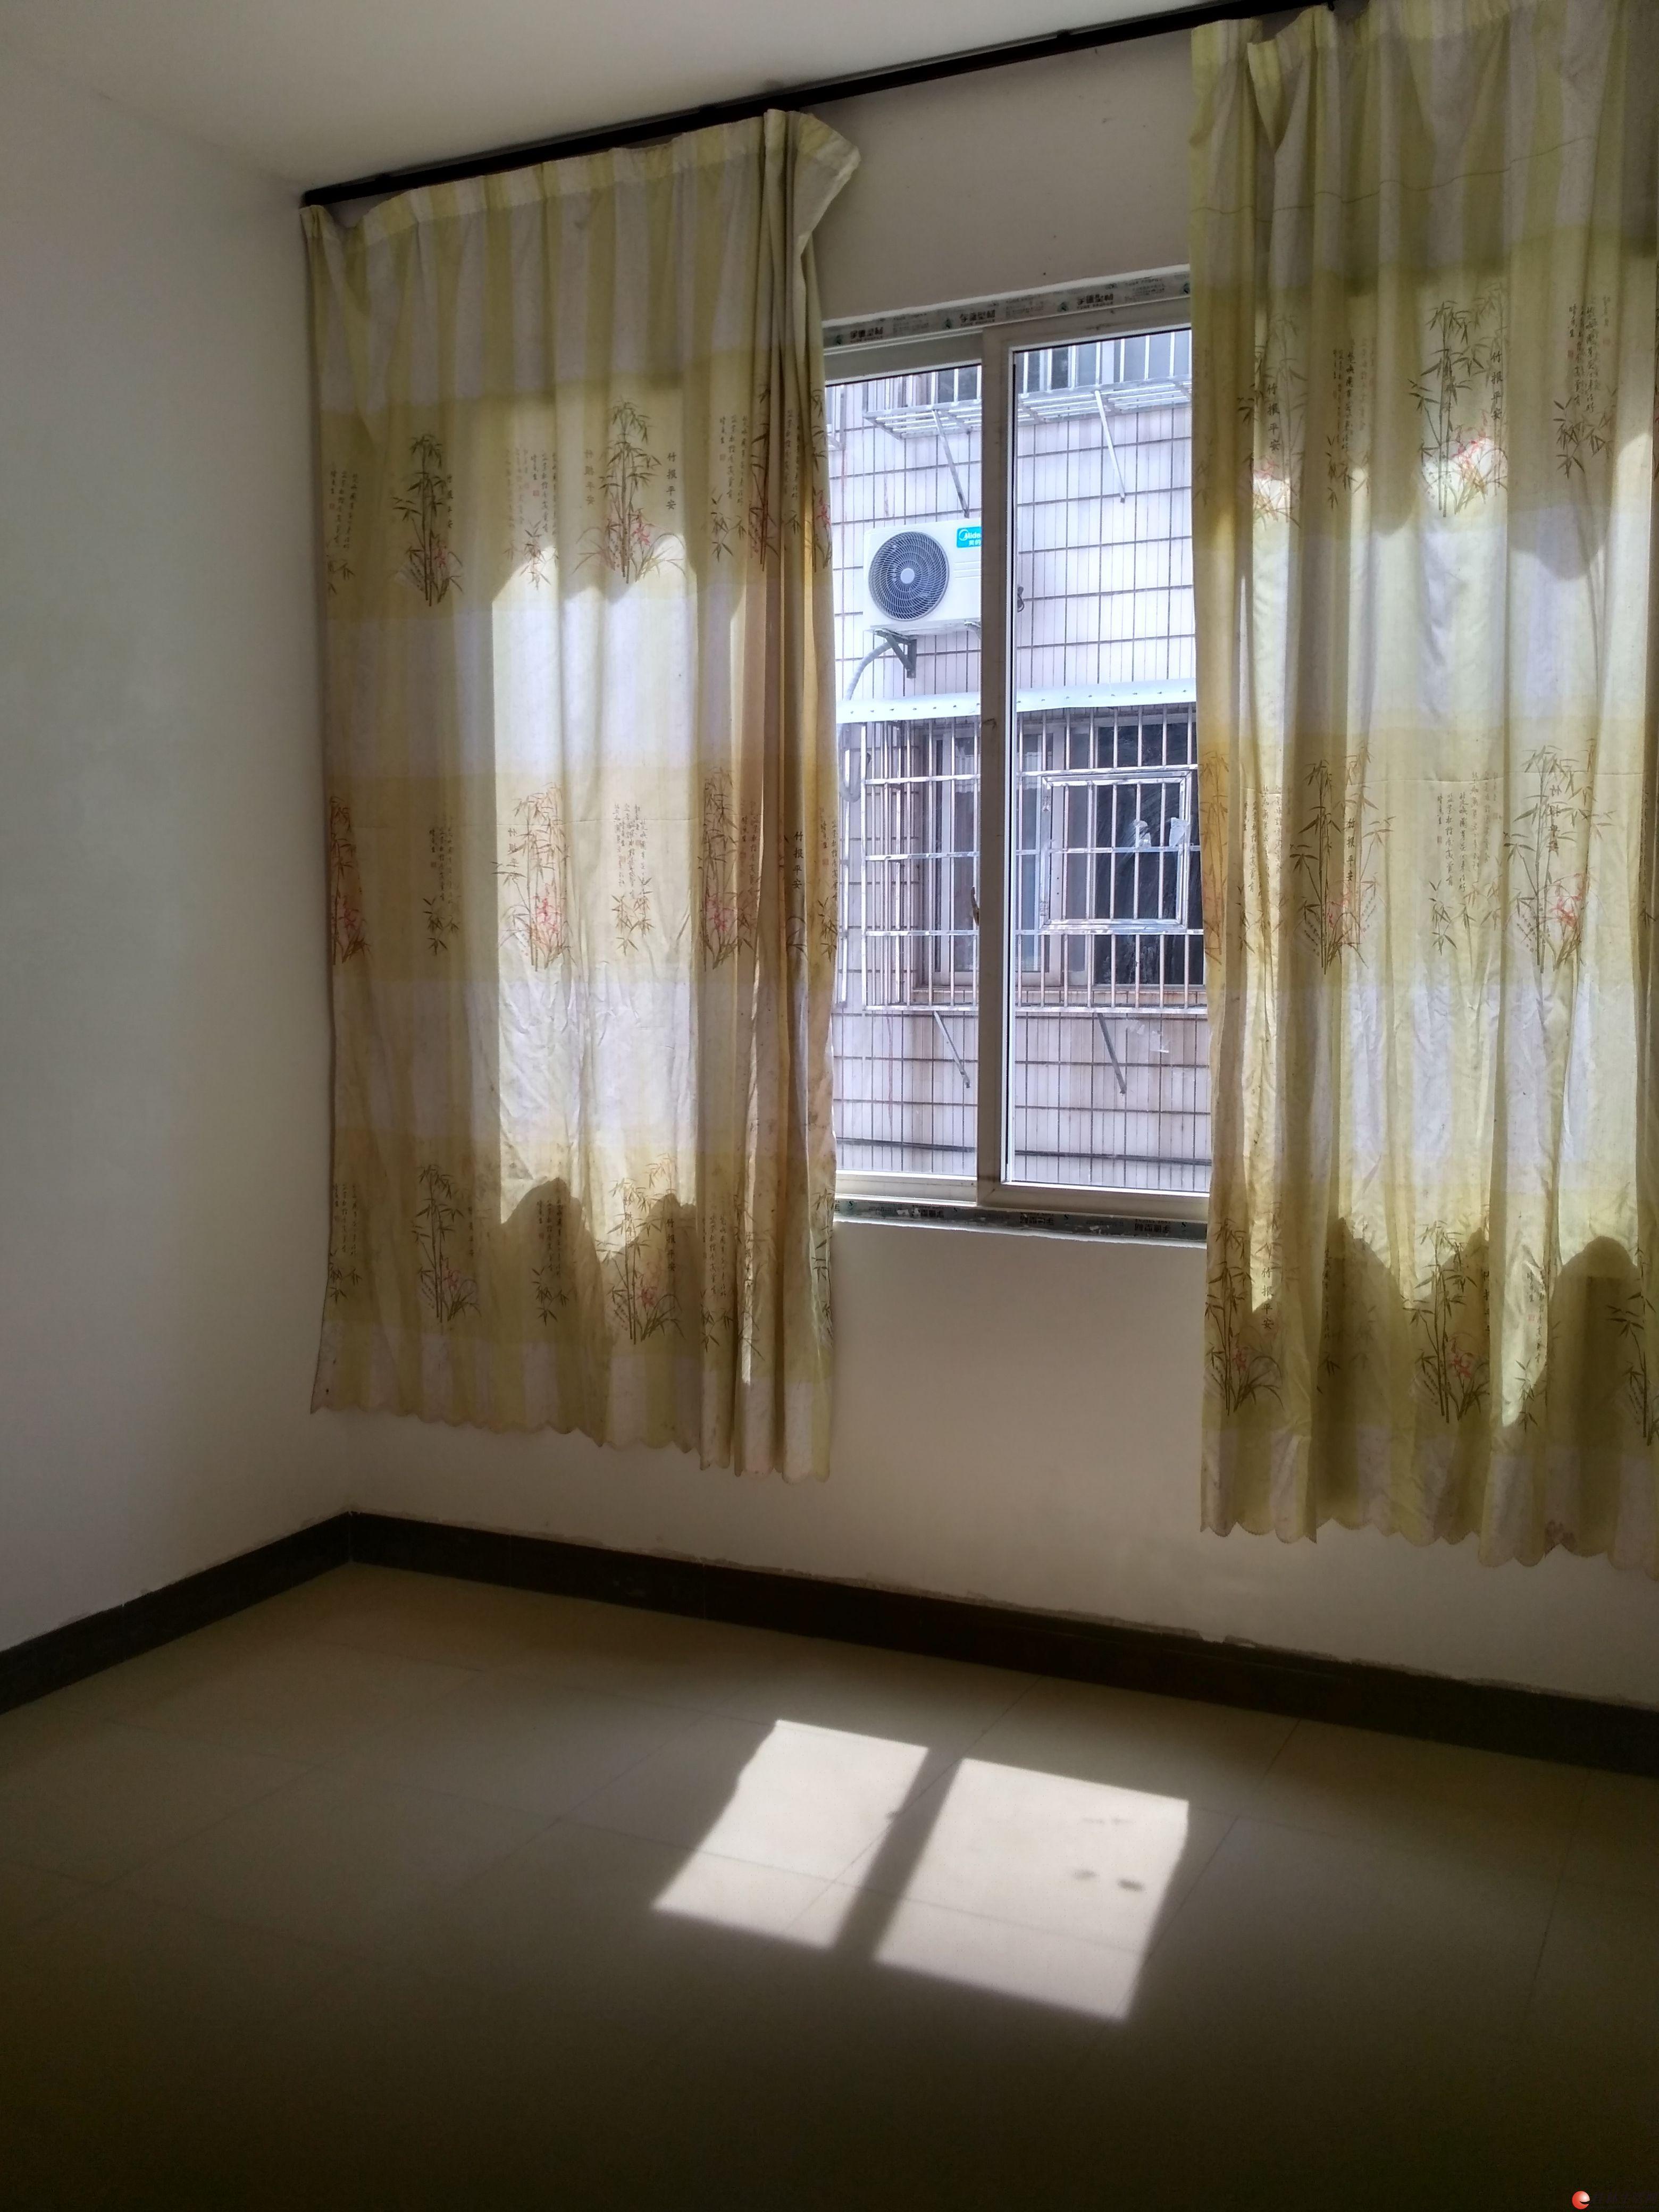 会元路 一房一厅一卫一厨整层  便宜出租,随时看房